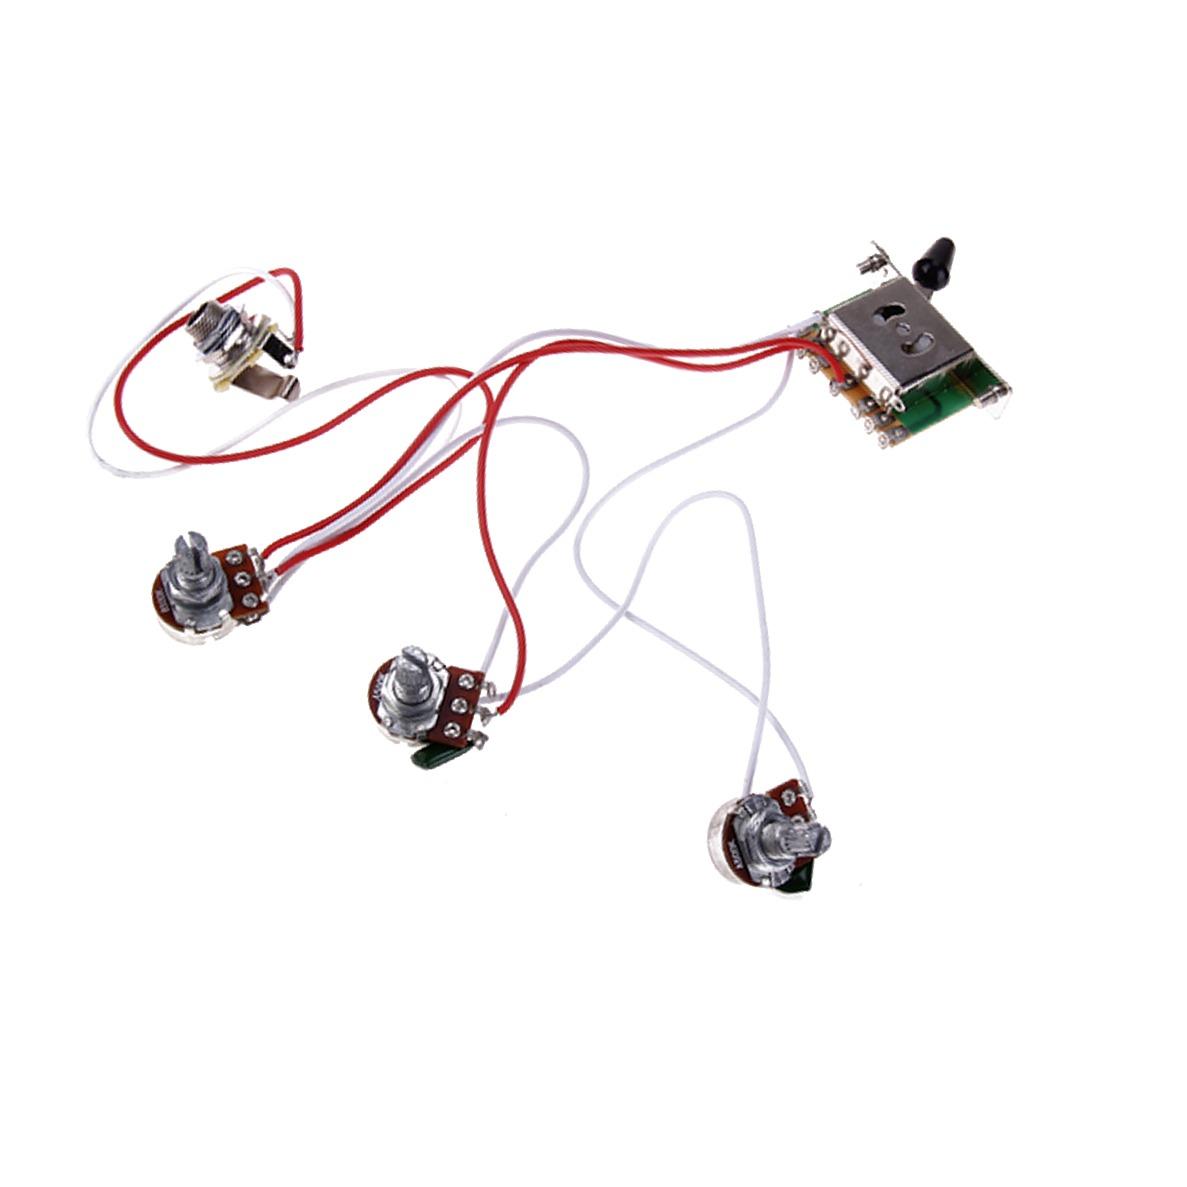 Circuito Eletrico : Circuito eletrico guitarra strato completo r em mercado livre